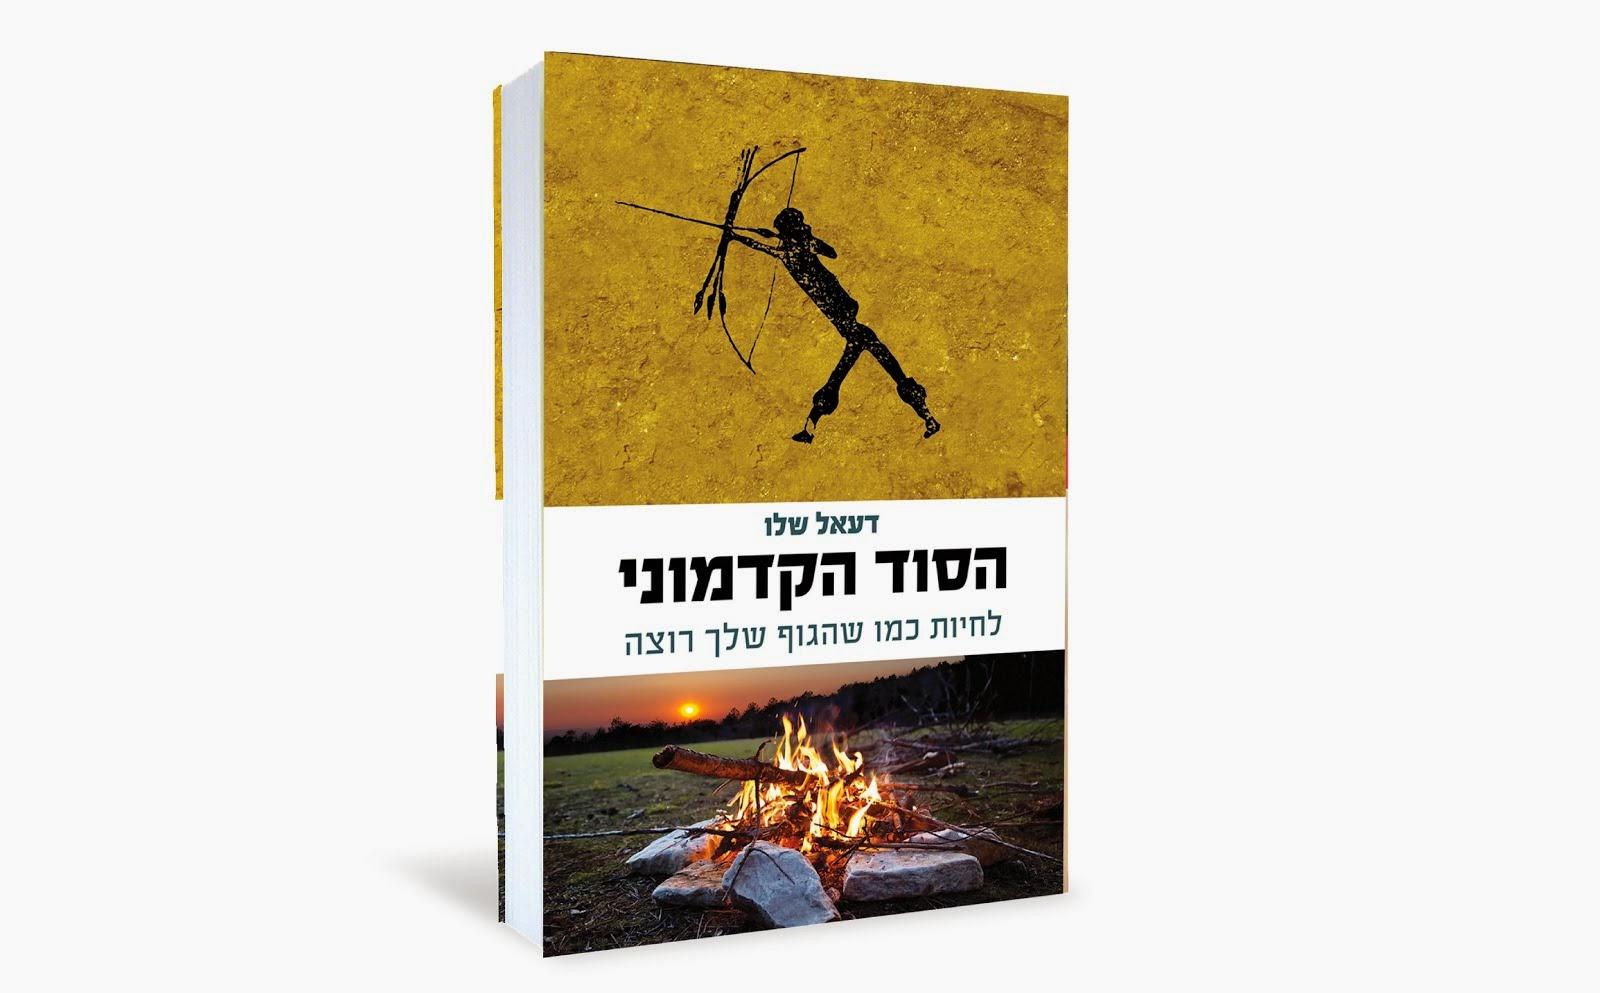 כל מה שתרצו לדעת על הספר